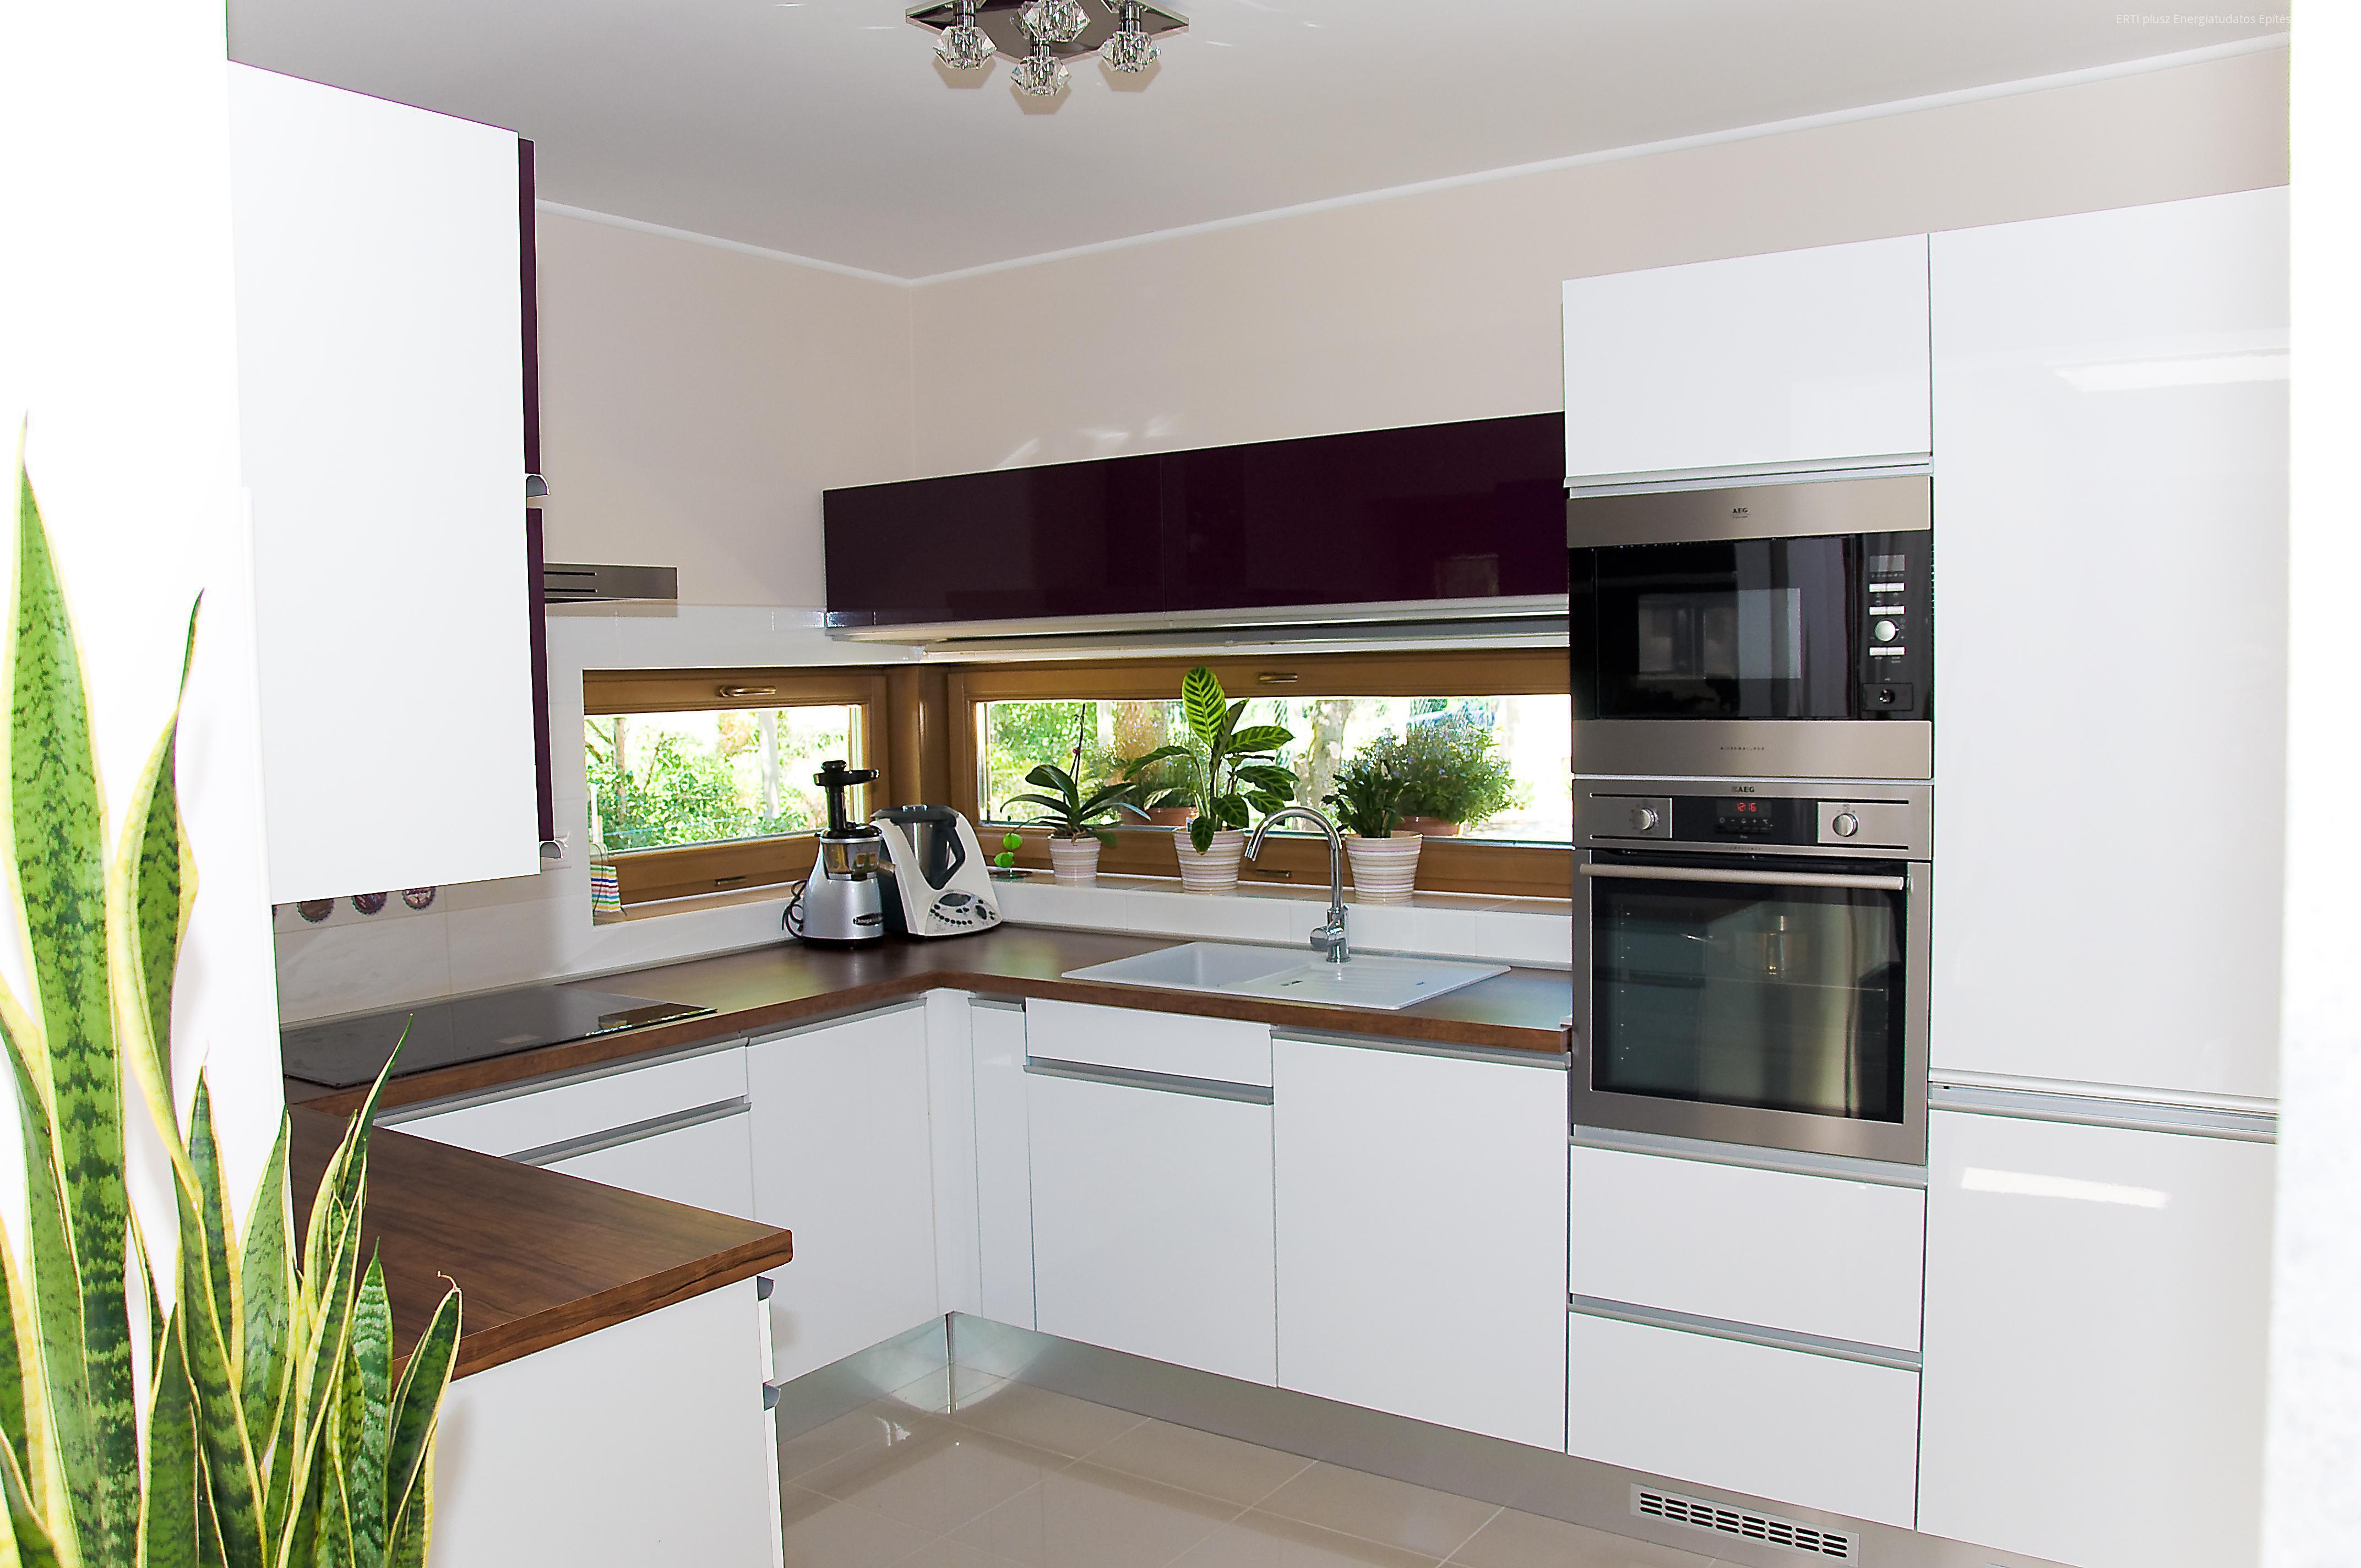 Családi ház konyhája - Modern konyha beépített bútorokkal és ...